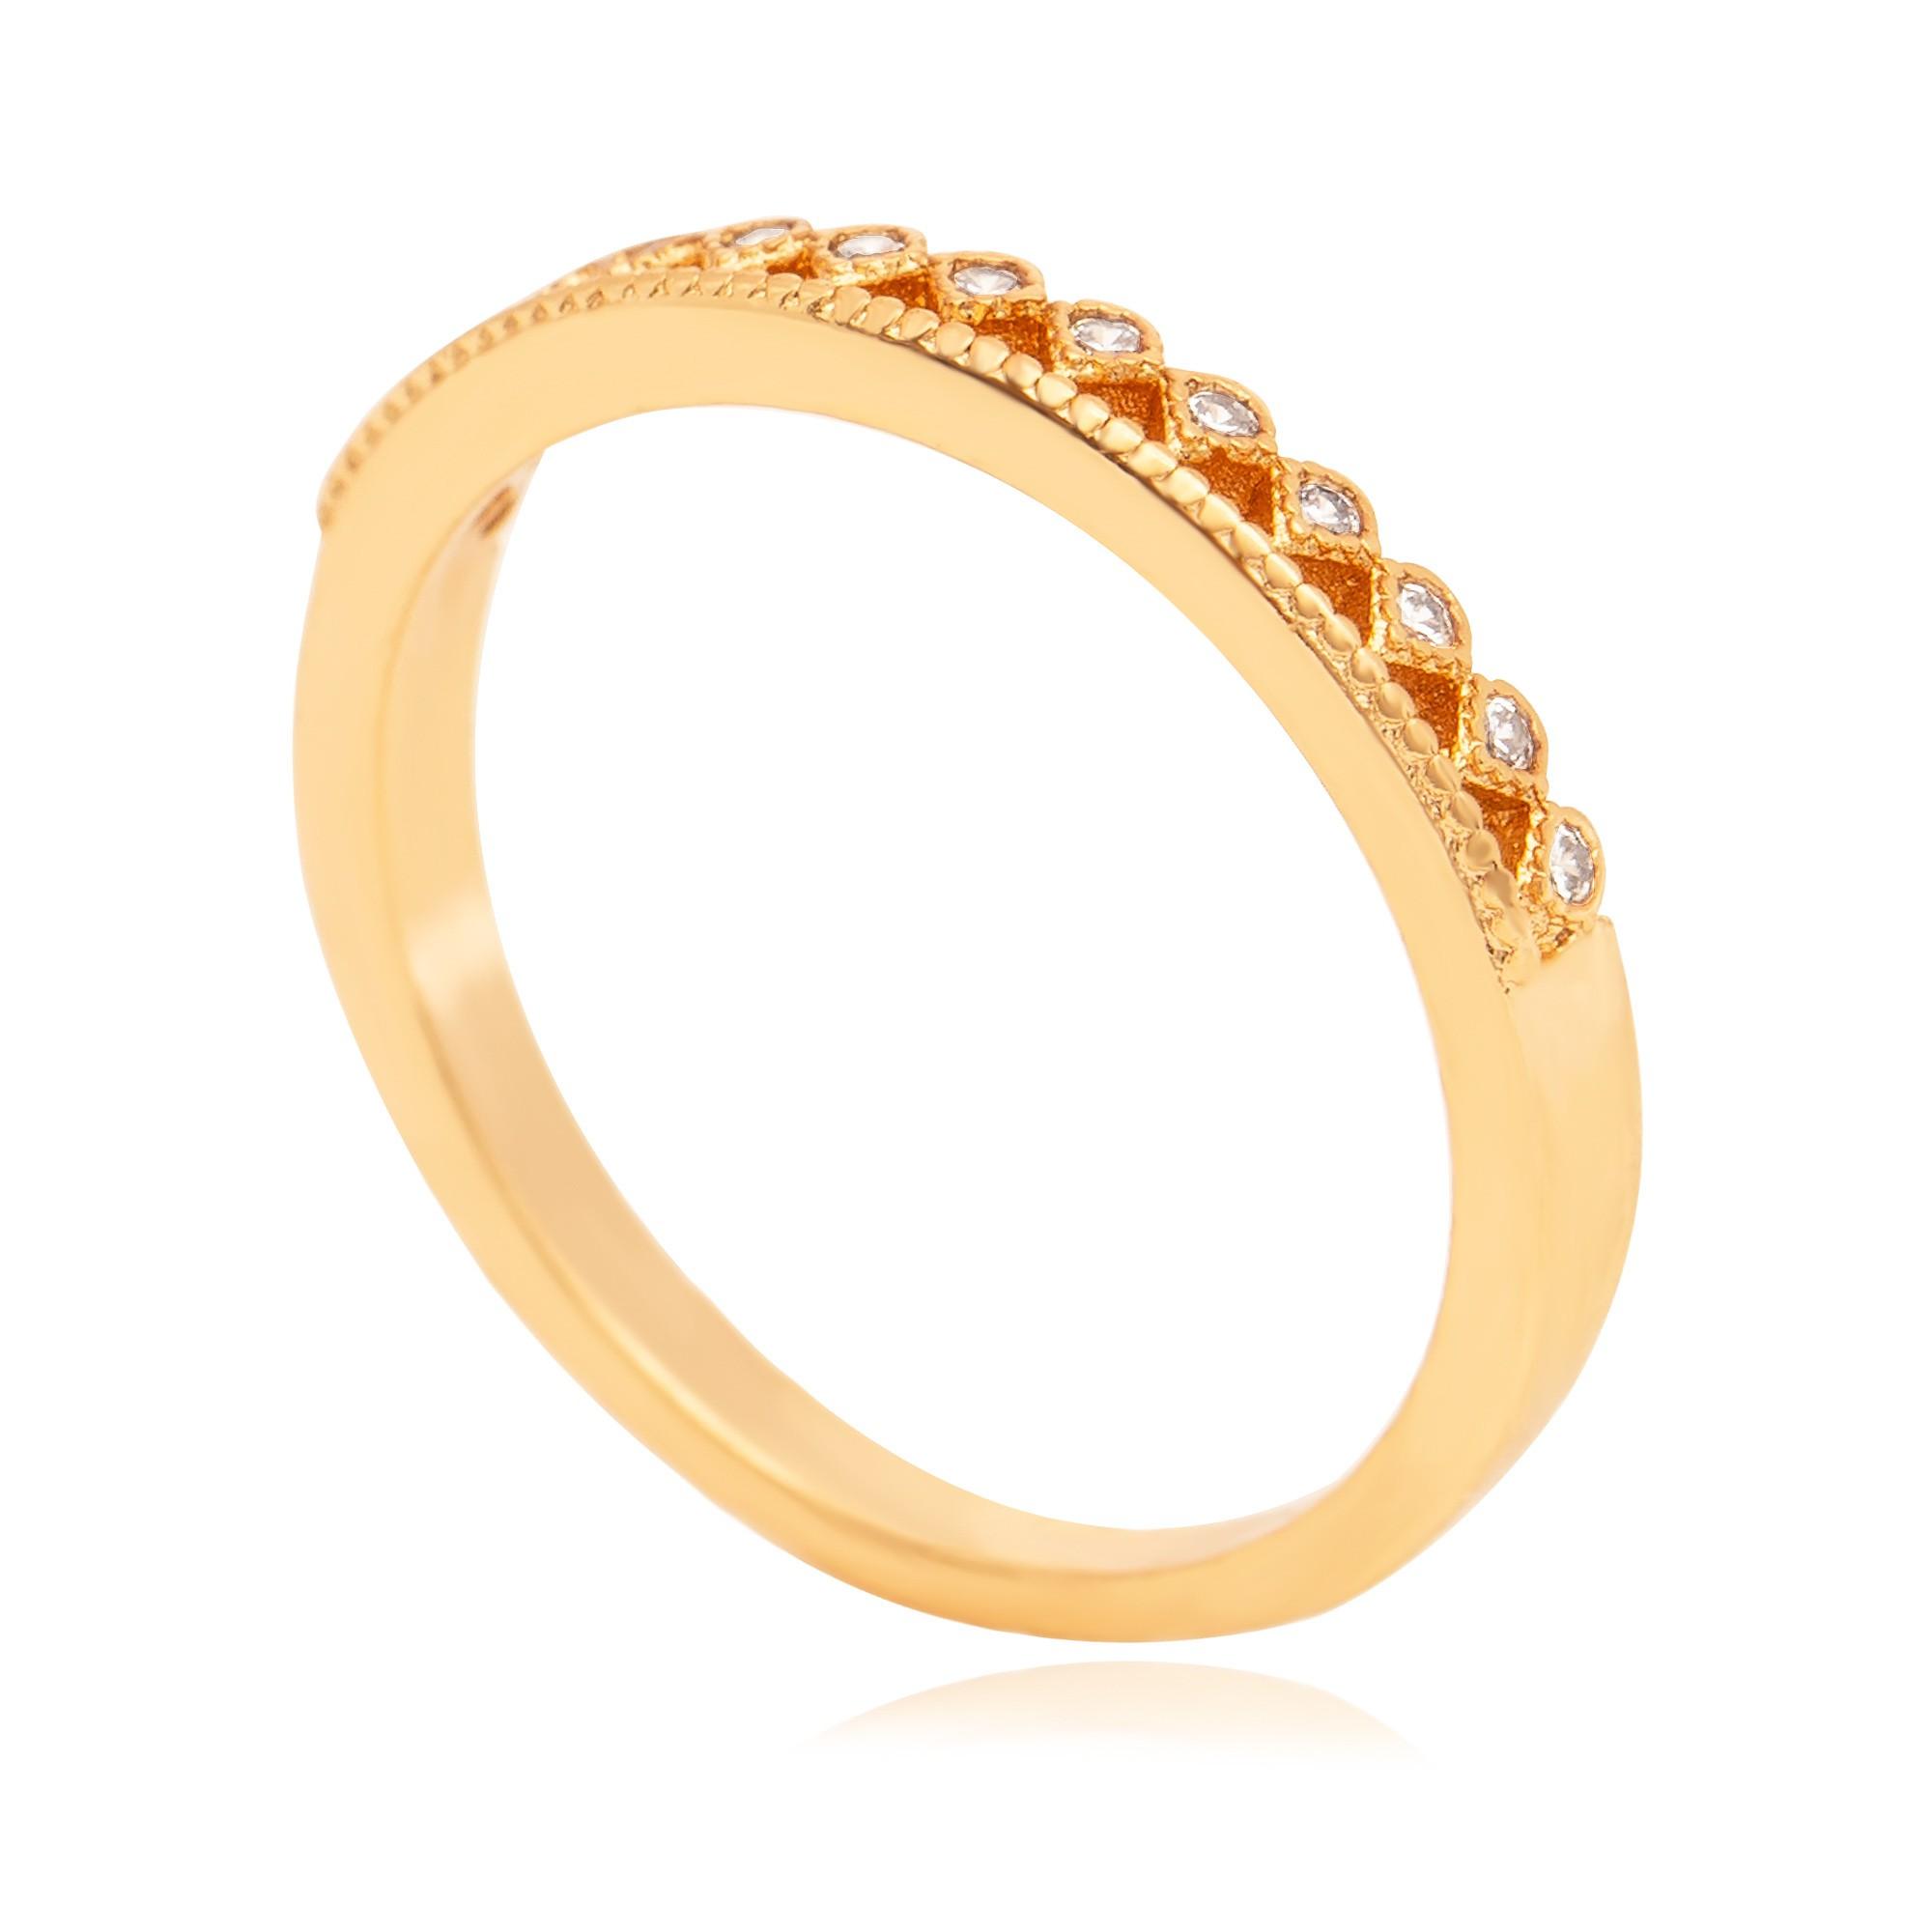 Anel minimalista zircônias banhado a ouro 18k  - romabrazil.com.br